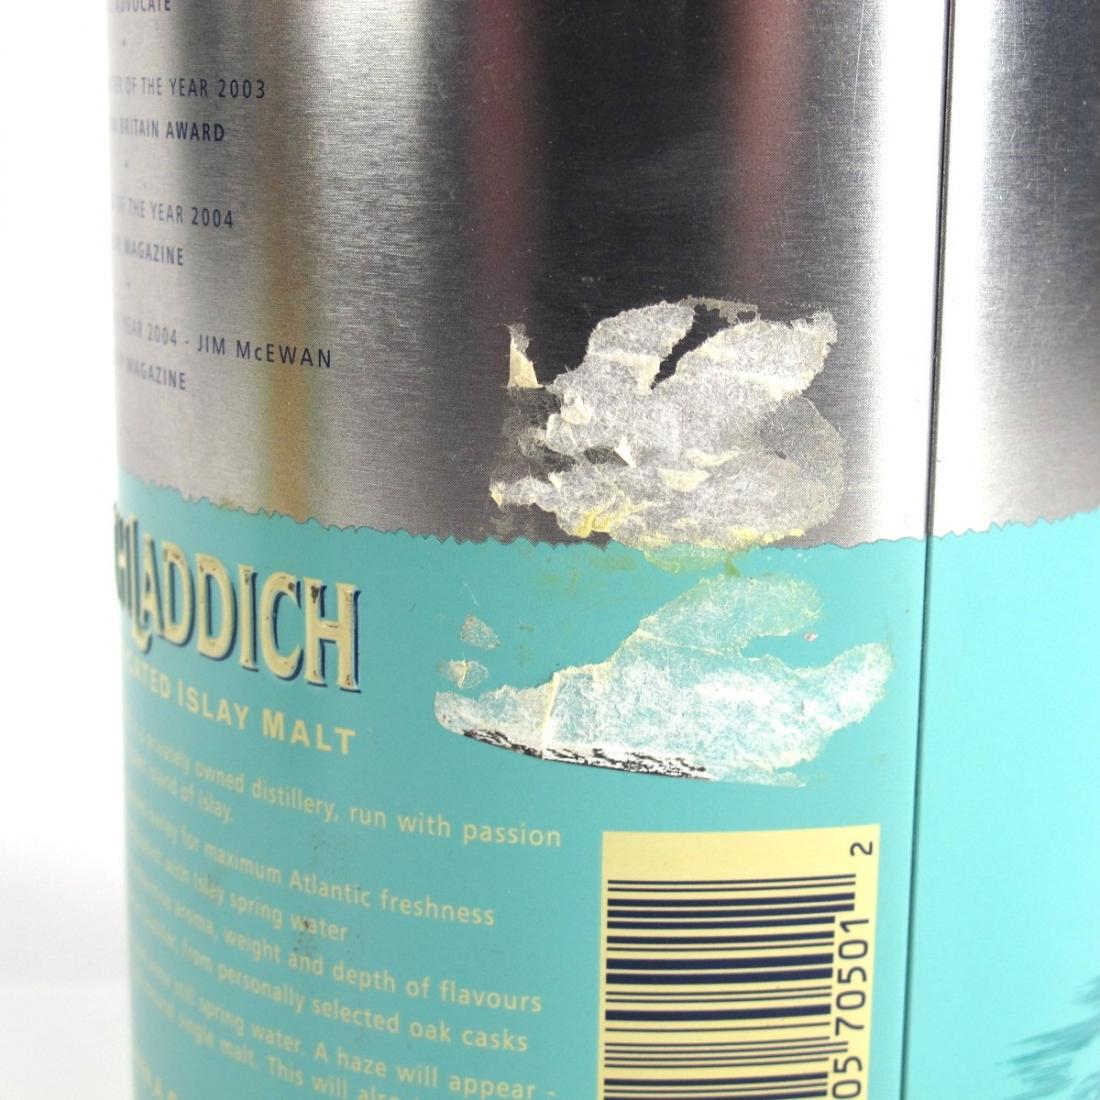 Bruichladdich 10 Year Old 1st Edition